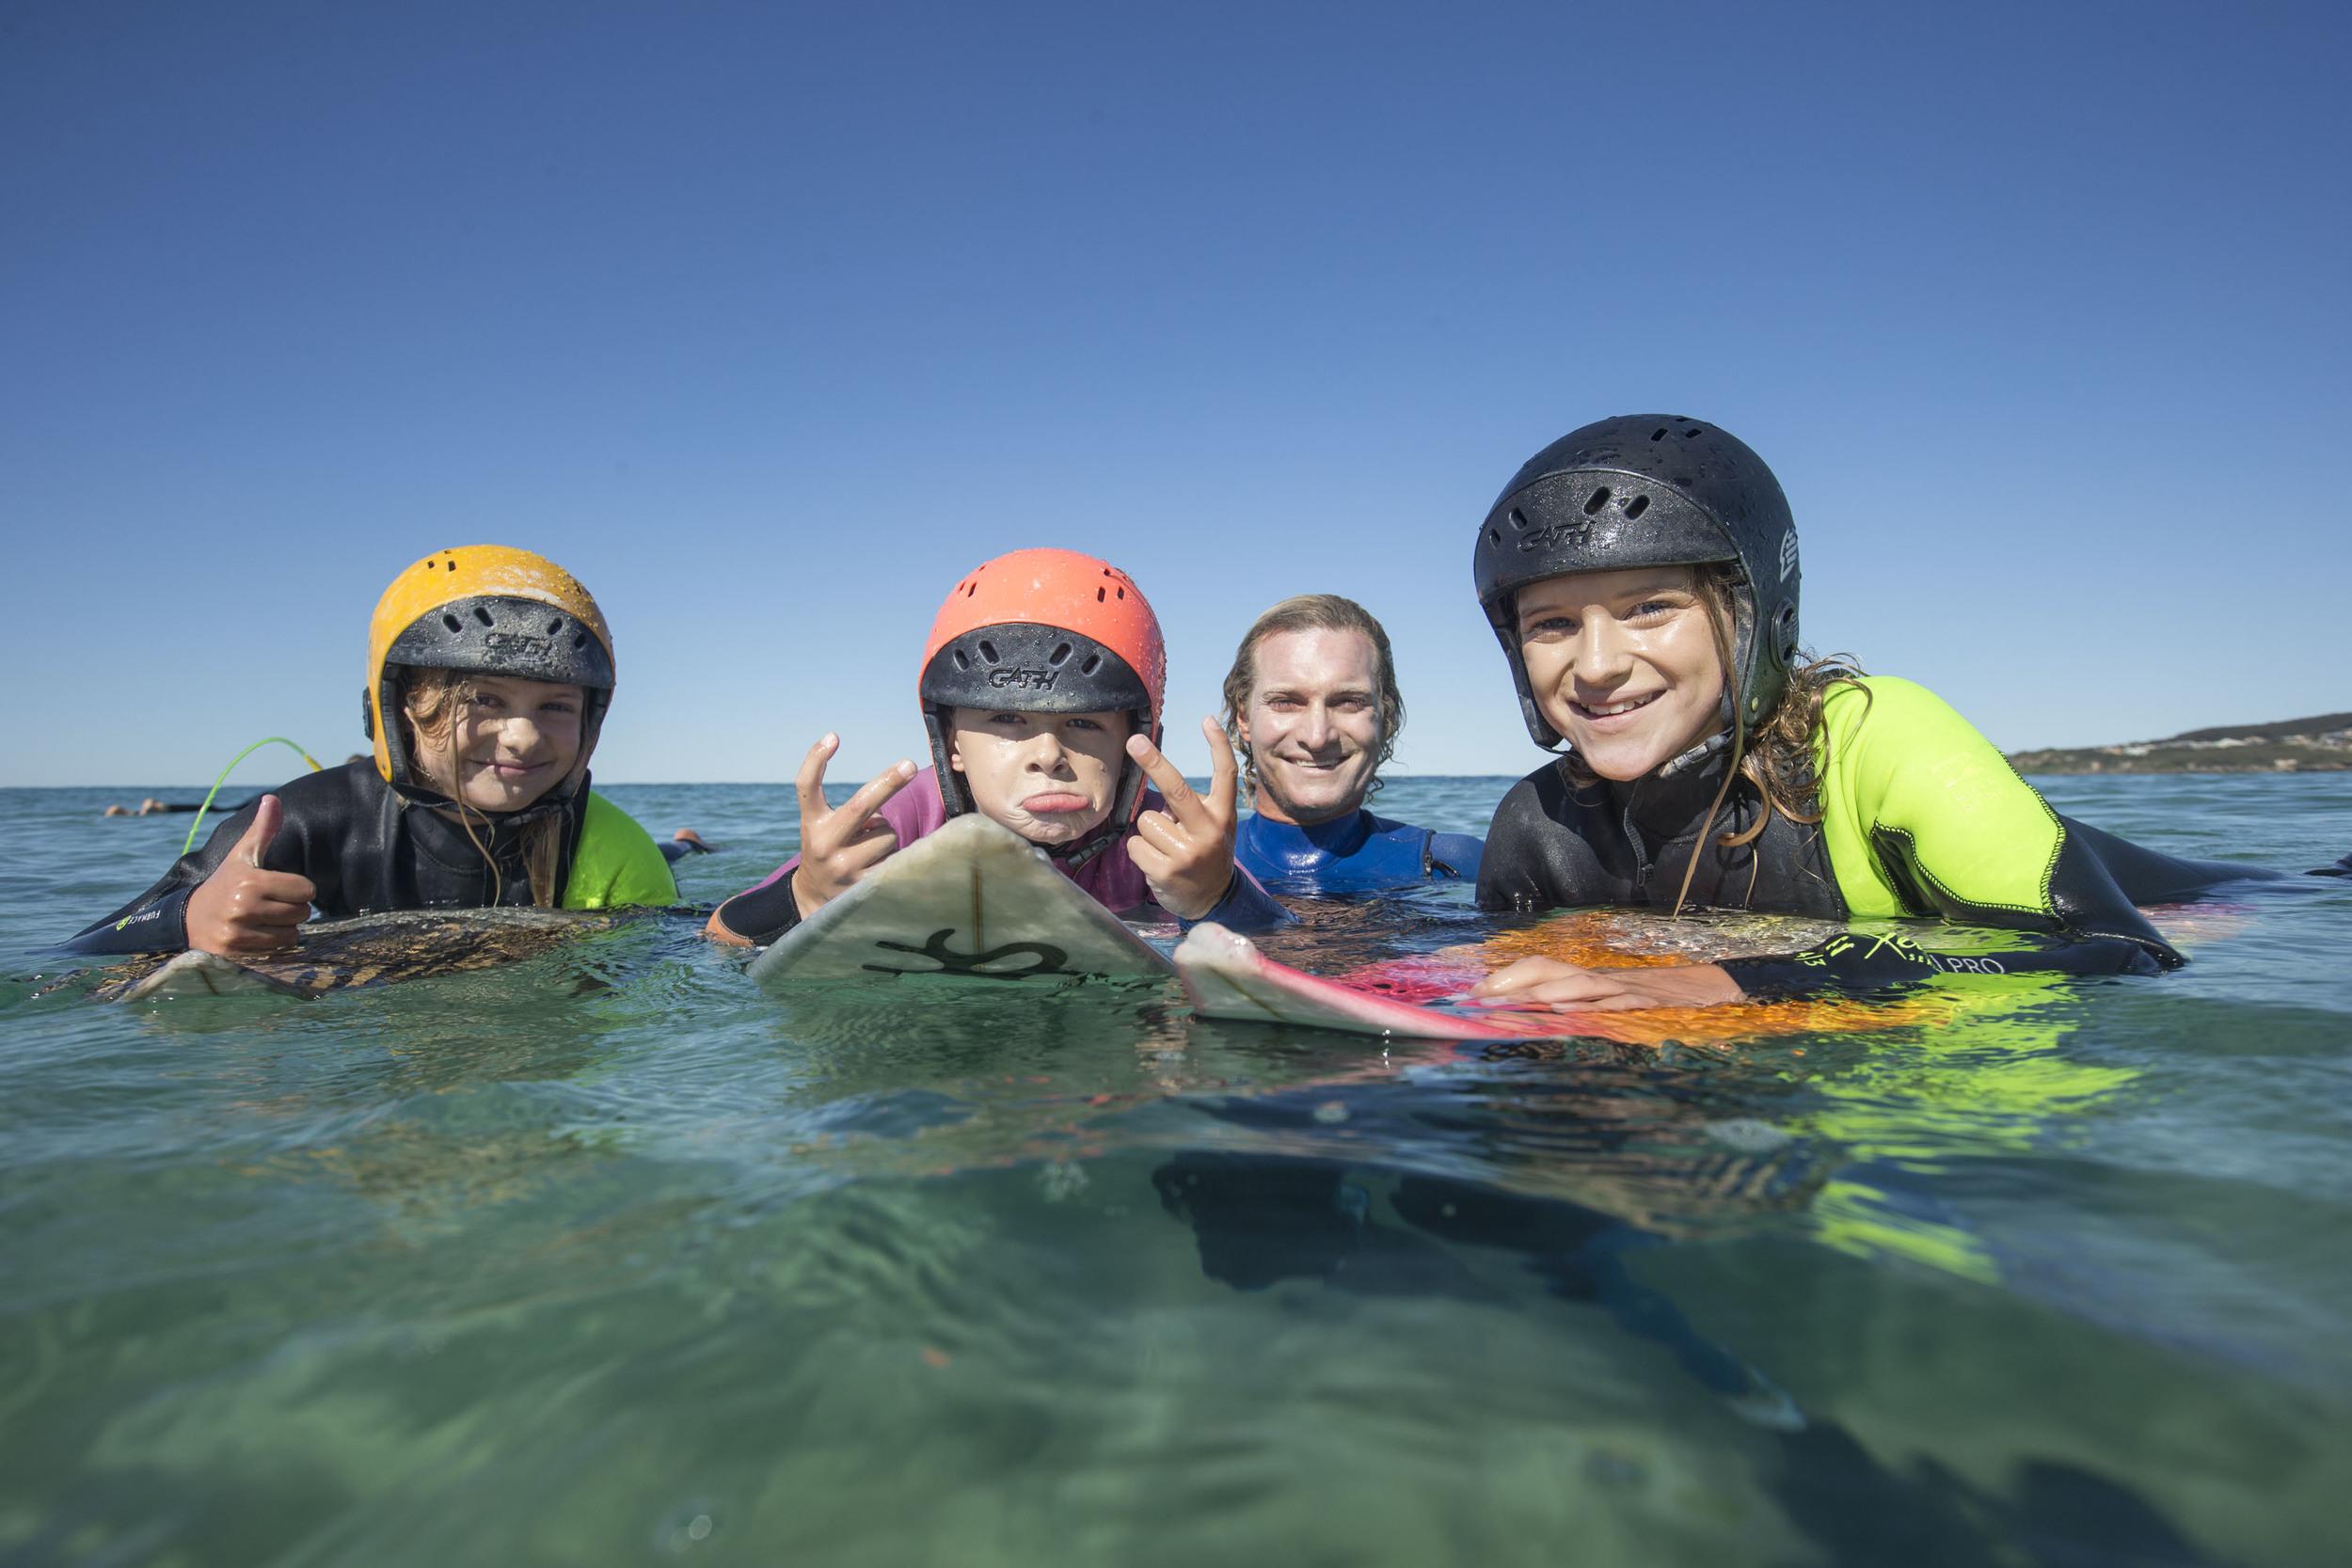 Sockie Norris, Biggie Norris, Justin Norris and Sabre Norris - Newcastle - owenphoto.com.au